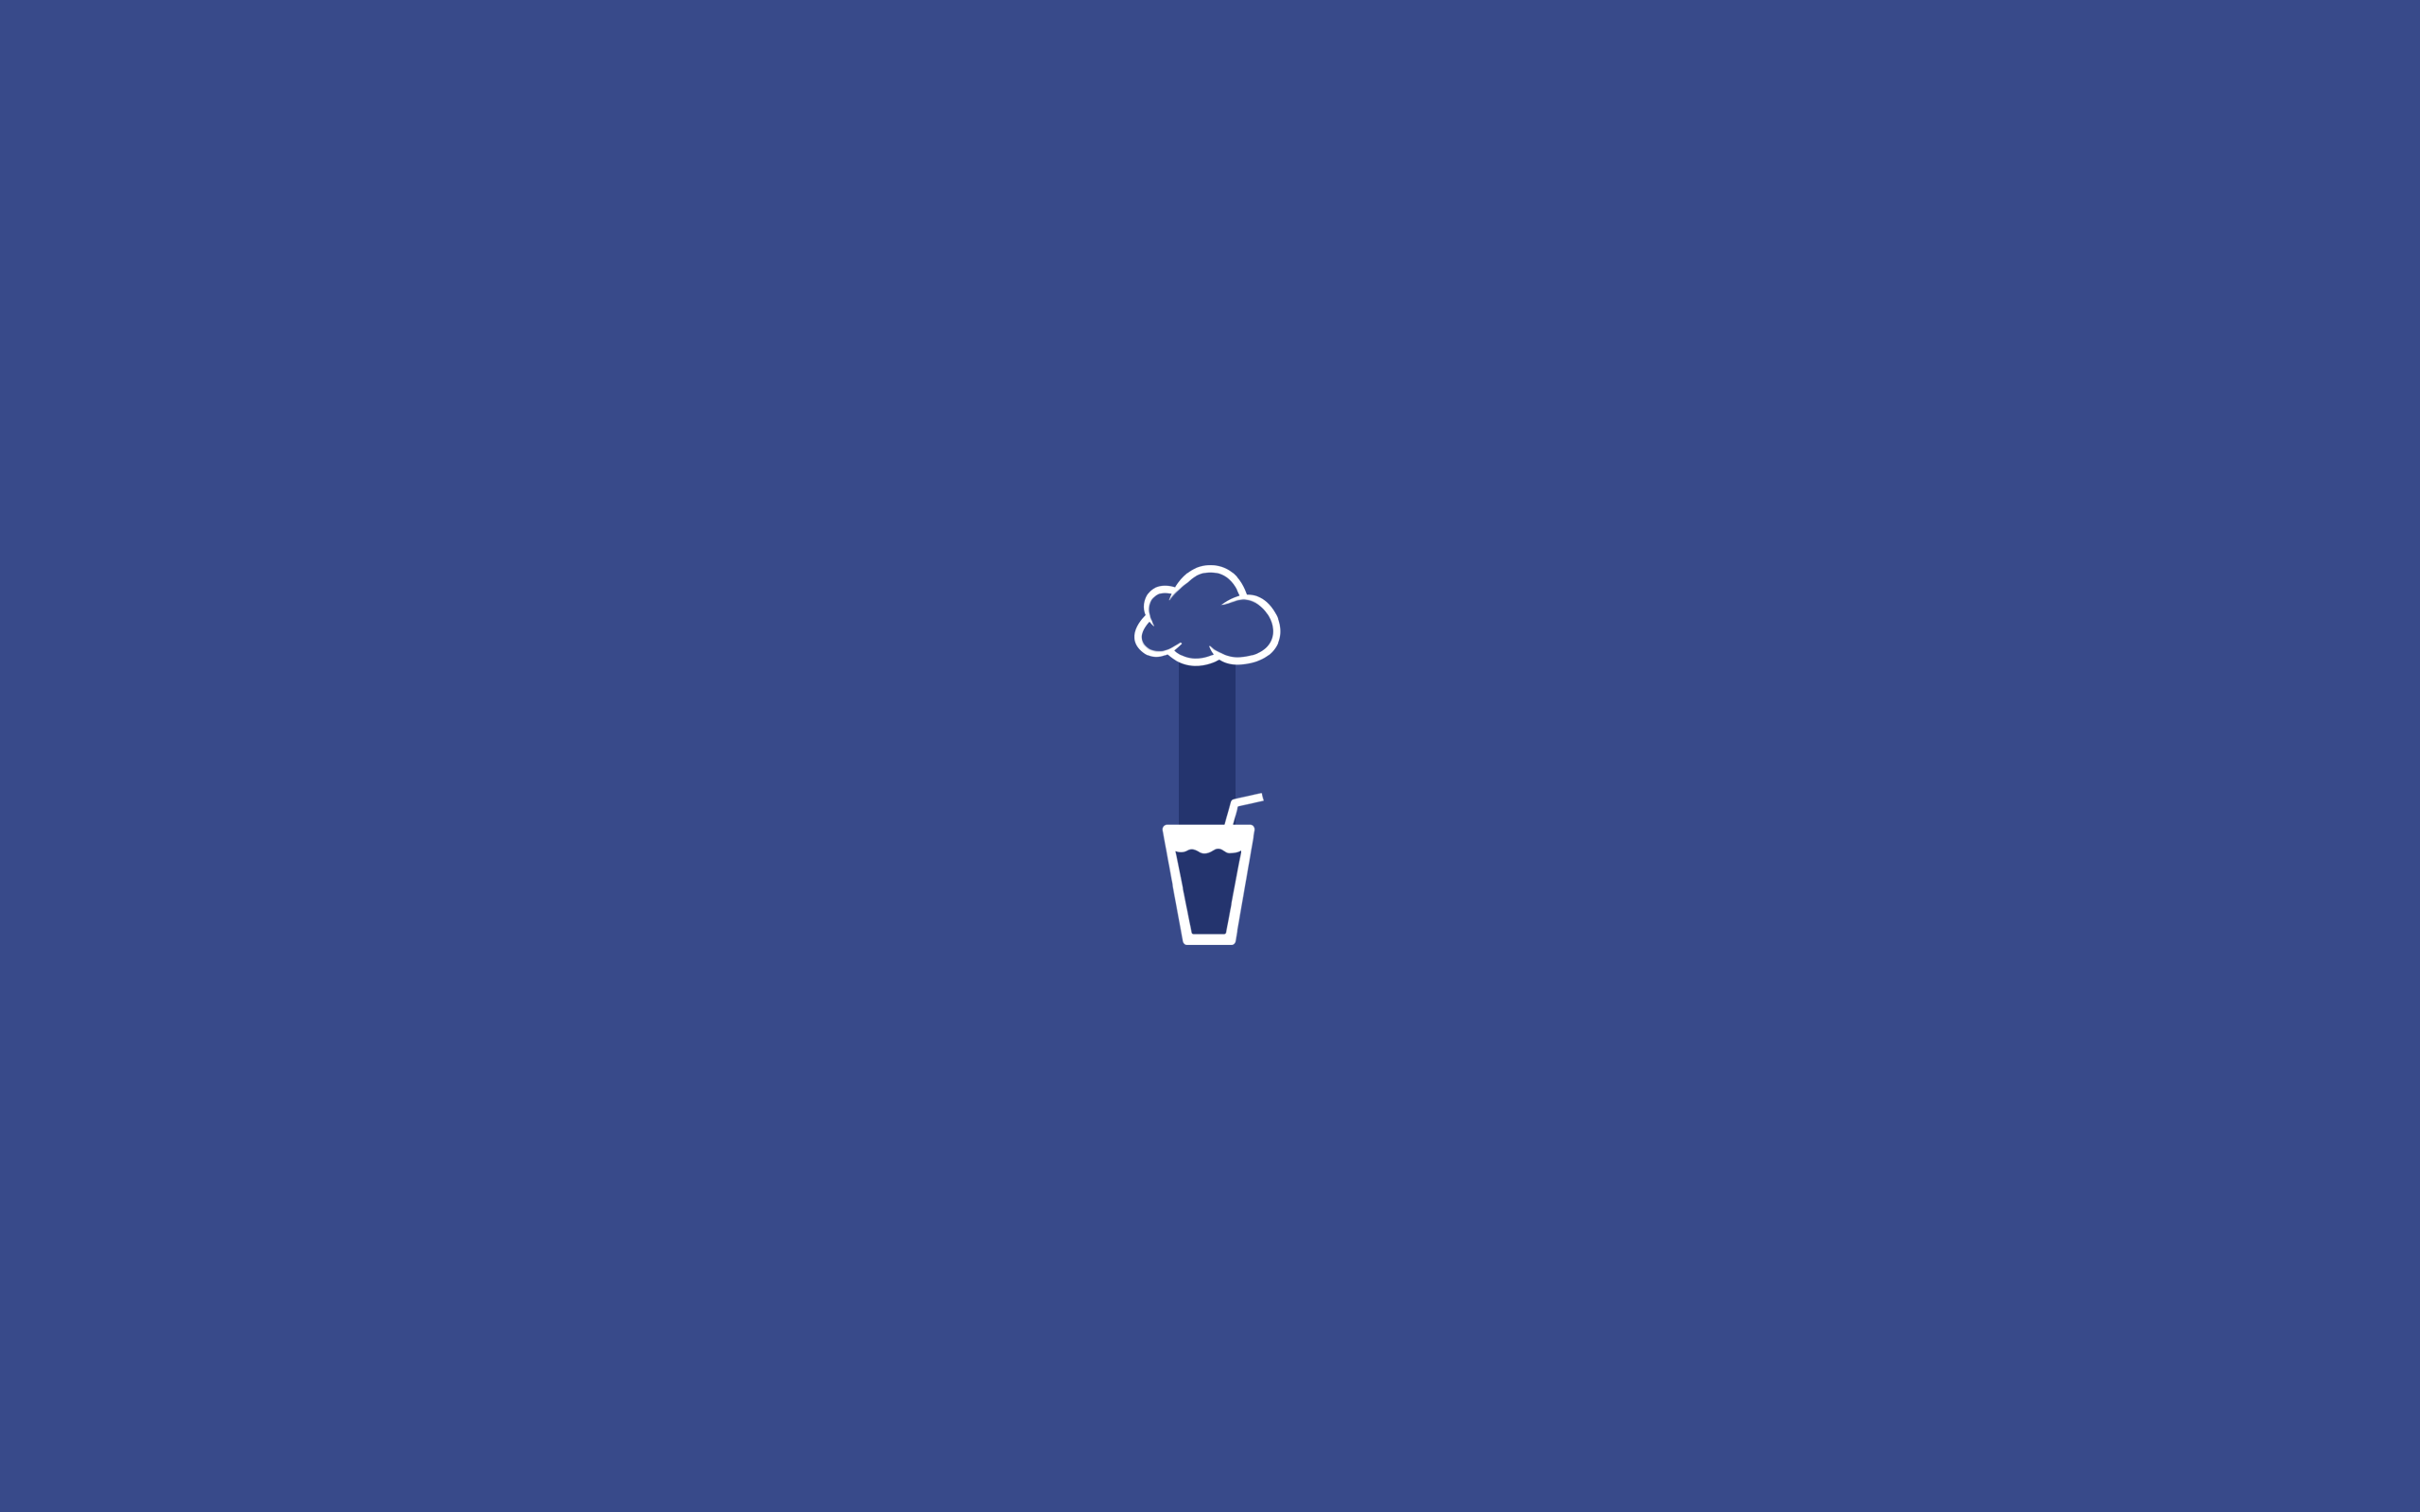 Glass Rain Minimalist Wallpaper Blue In 2020 Minimalist Wallpaper Desktop Wallpaper Simple Minimal Wallpaper